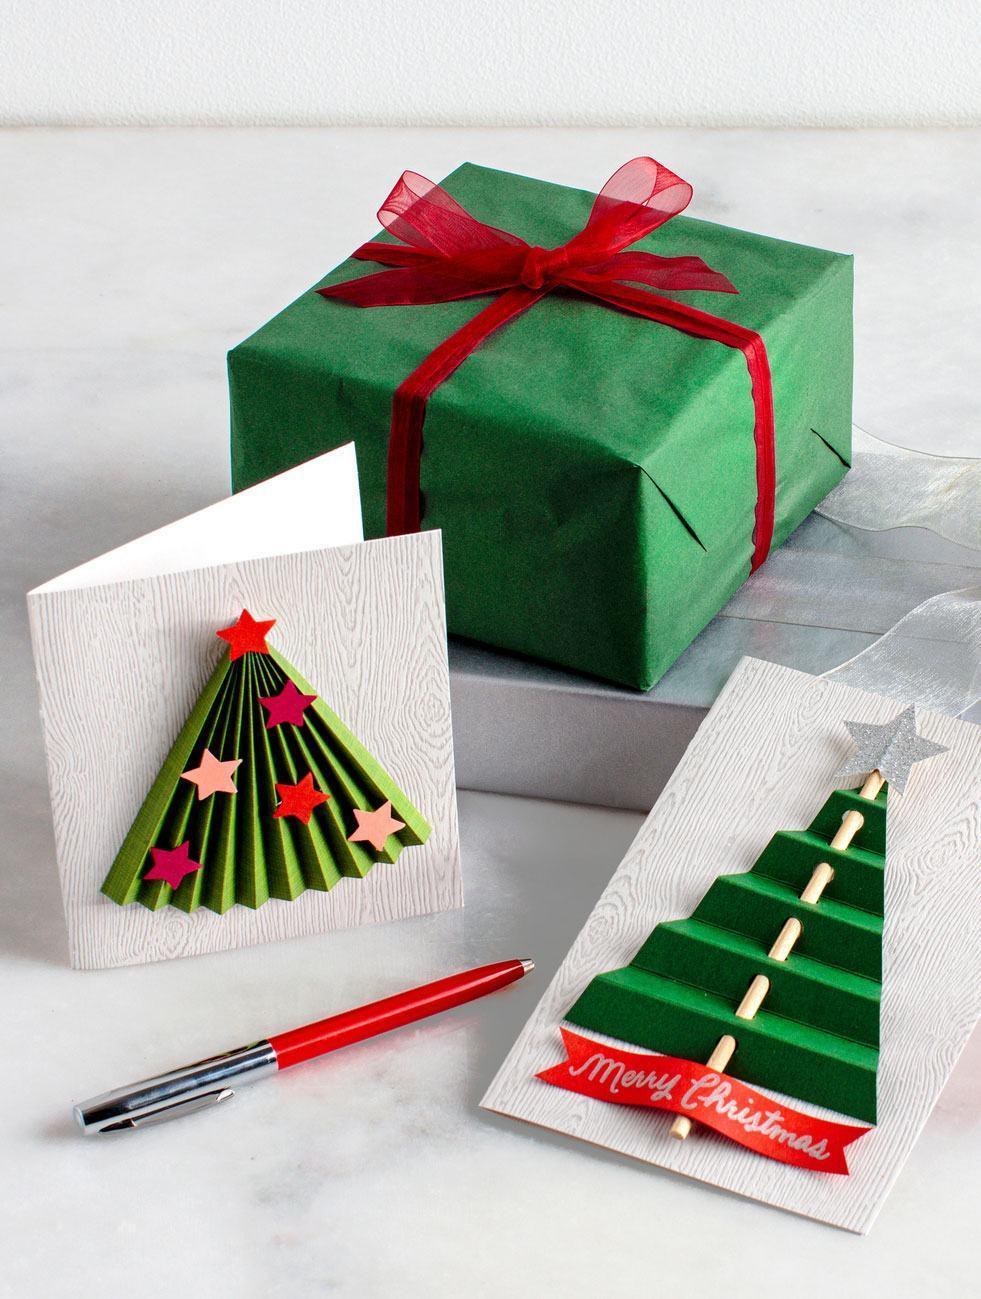 Cartões de natal estilizados com árvores de papel cobradas e coladas junto ao um palito de madeira